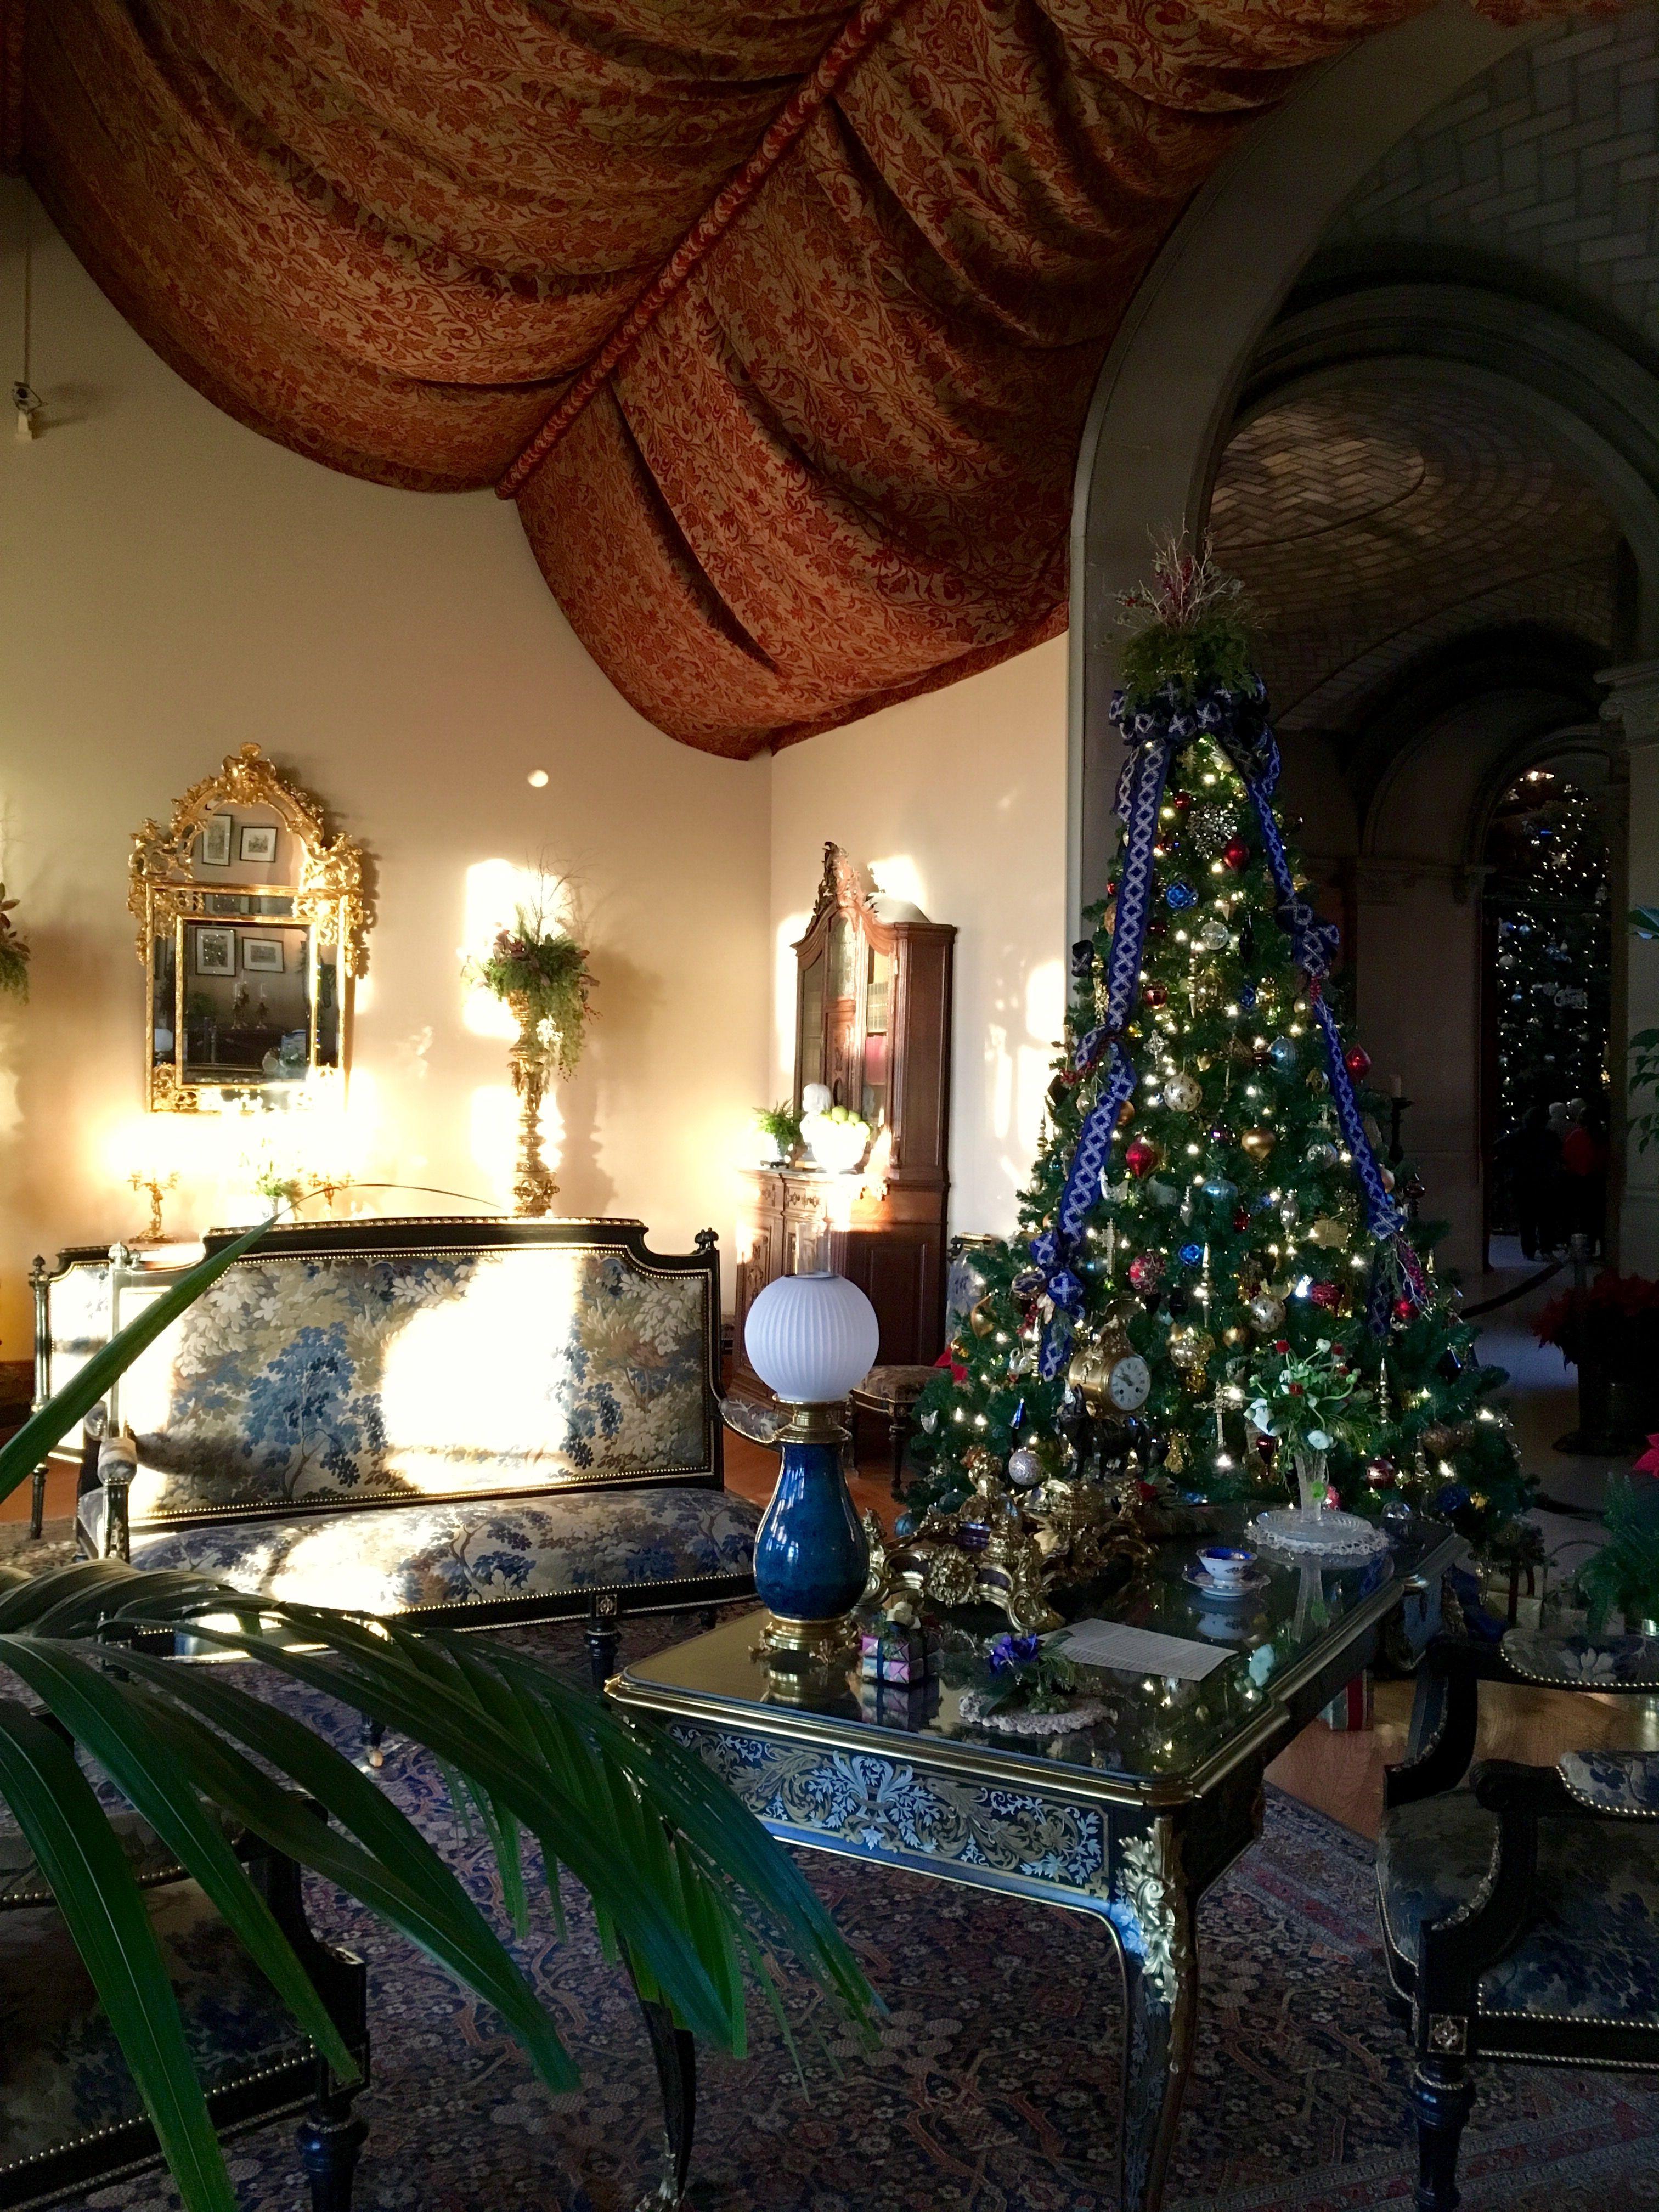 Biltmore Christmas 2017 | Biltmore christmas, Holiday ...